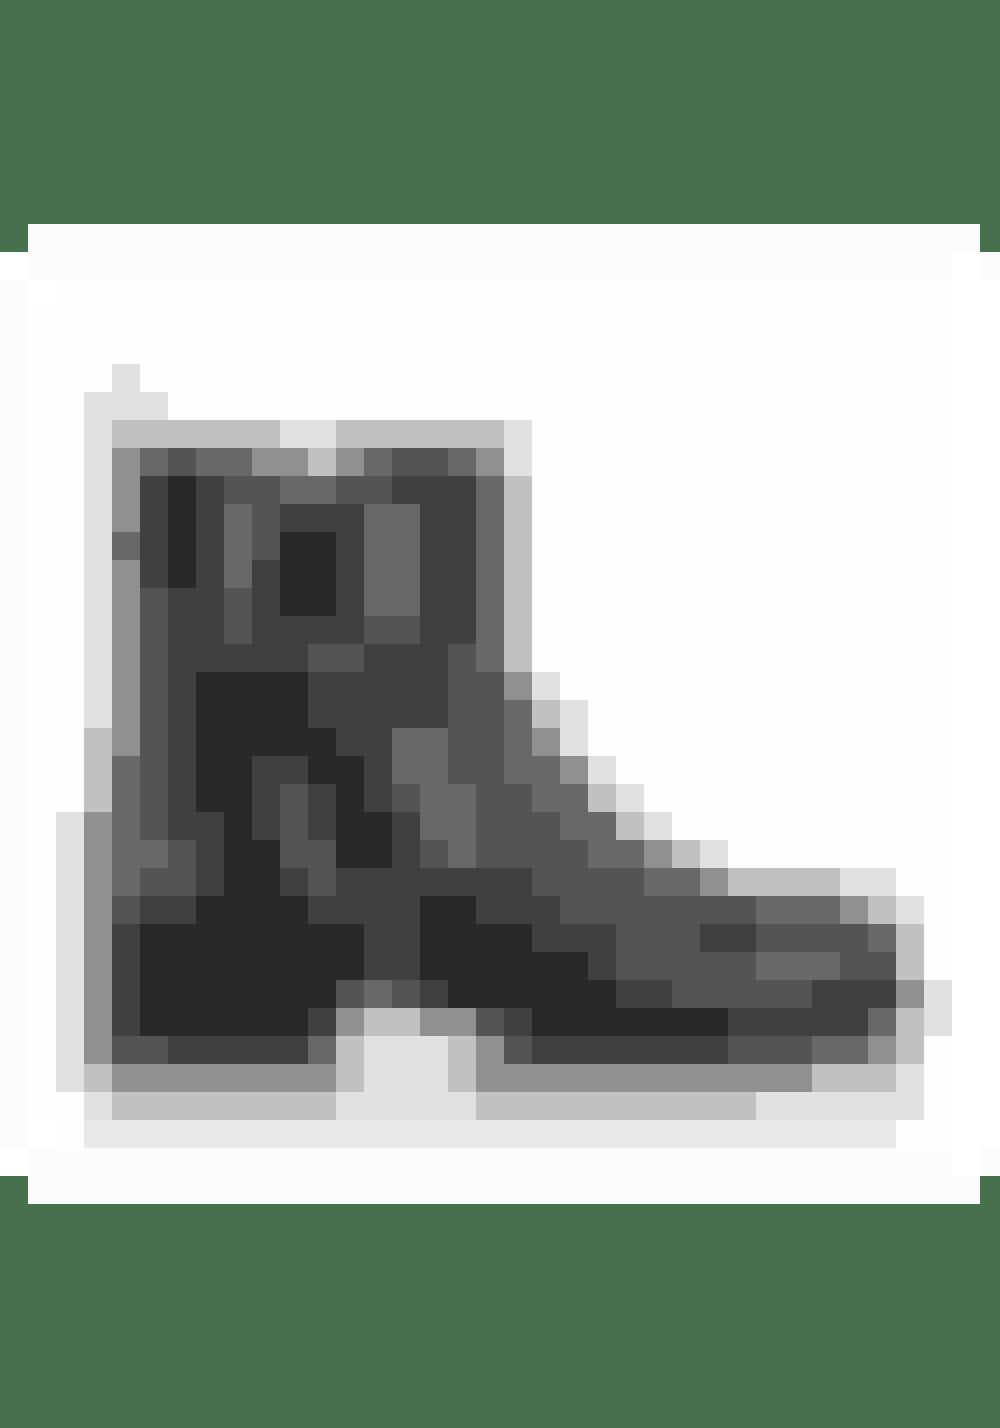 Den flade støvle Den cool og praktiske flade støvle er for de fleste en favorit, og de har det derfor også med at hobe op med lige netop denne type i skosamlingen. Sørg for at investere i nogle lækre støvler, der med lidt kærlighed kan holde år efter år. De flade støvler kan give dit look et råt twist, hvilket kan skabe en fed kontrast til et ellers feminint eller casual outfit. Du kan for eksempel style ankelstøvlen sammen med en strik og nederdel eller en feminin kjole med flæser.Støvle, Billi Bi, 1.499 kr. Købes online HER